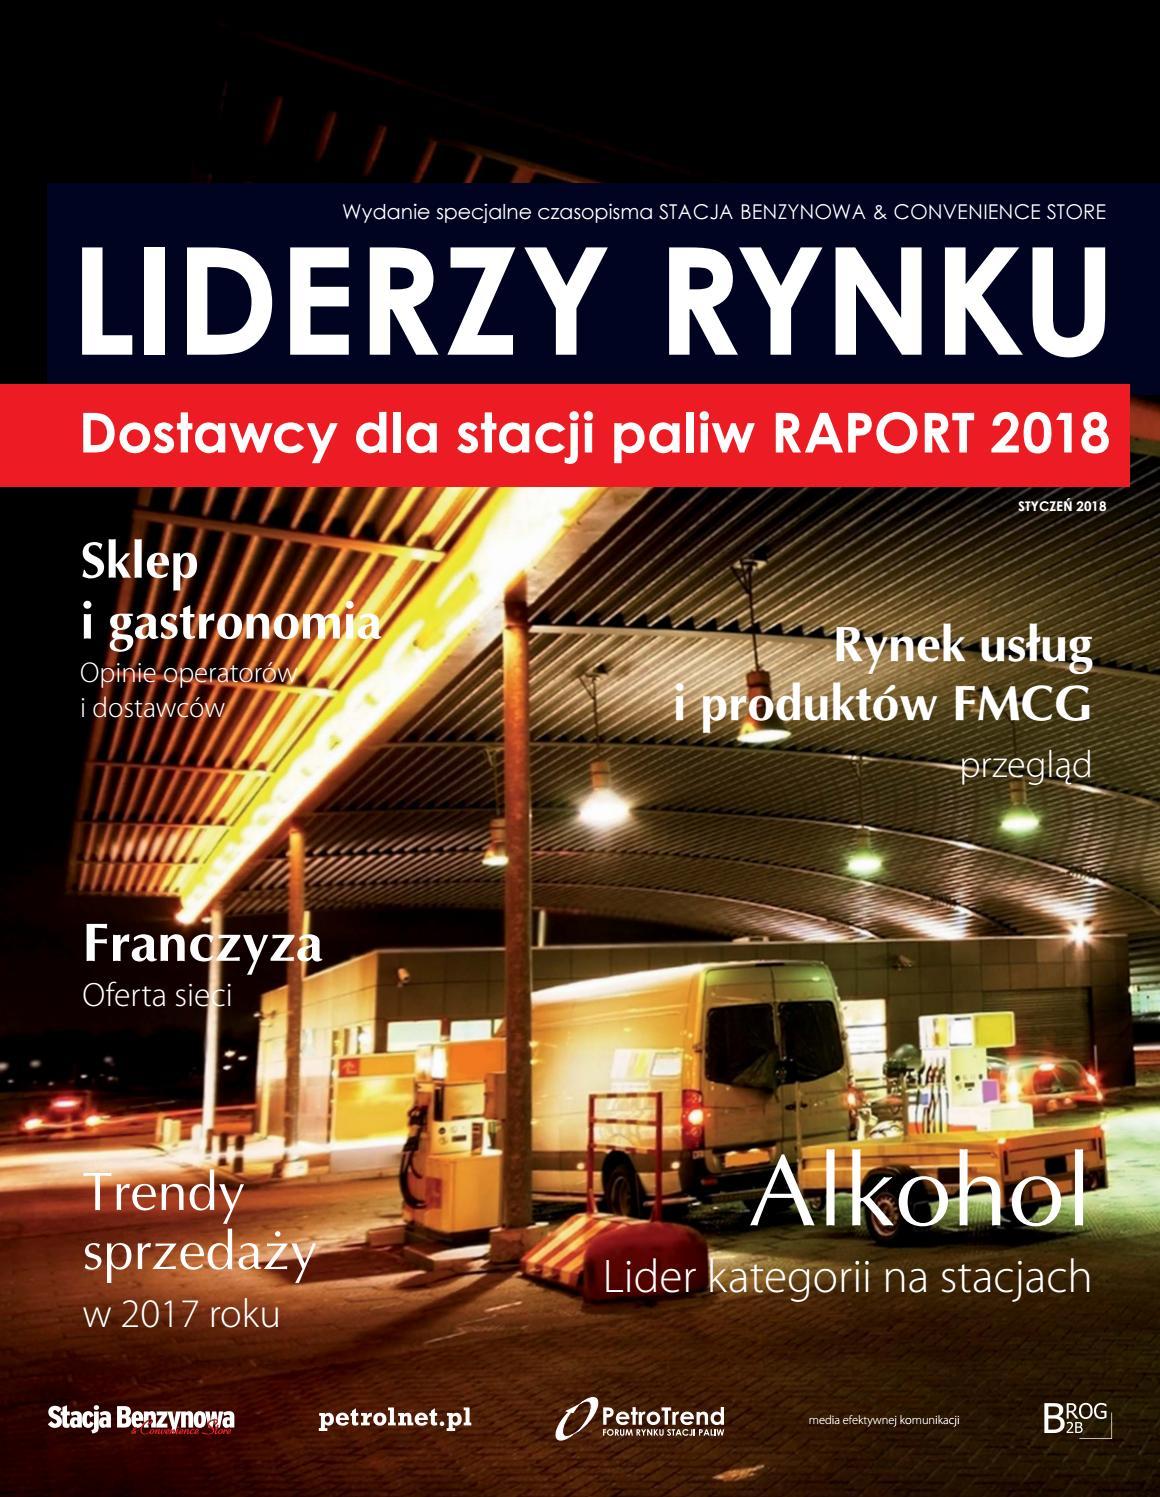 b25737ae09c5c5 LIDERZY RYNKU - DOSTAWCY DLA STACJI PALIW - RAPORT 2018 by BROG B2B - issuu